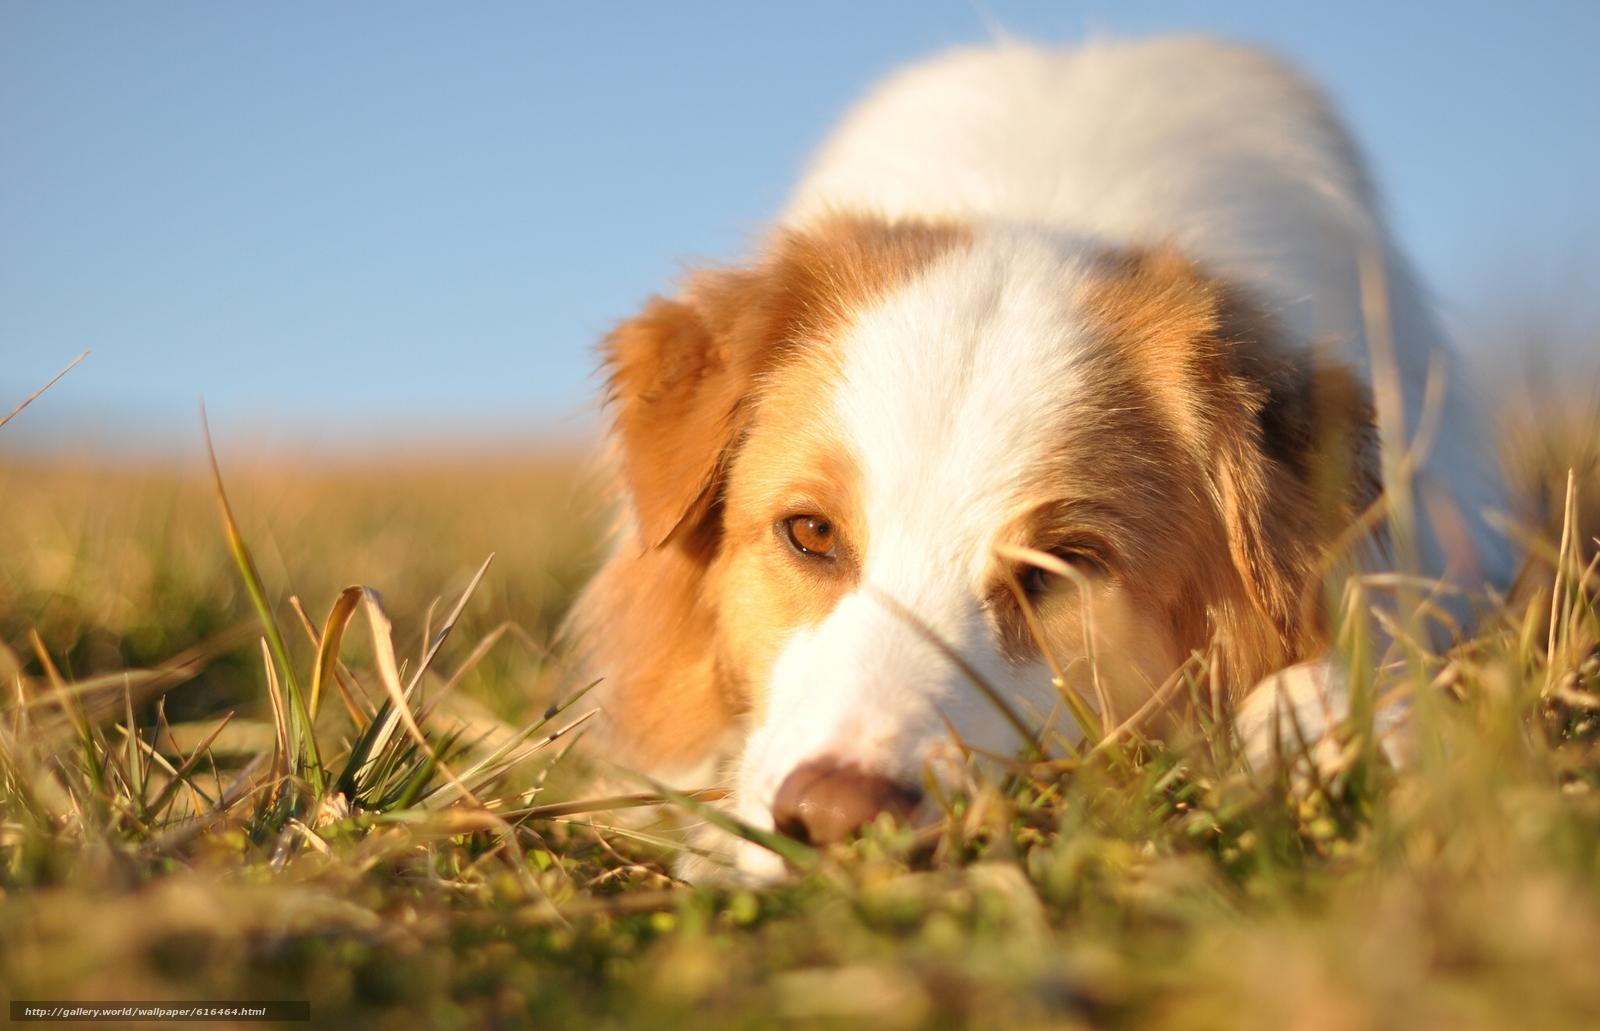 Tlcharger fond d ecran berger australien chien museau